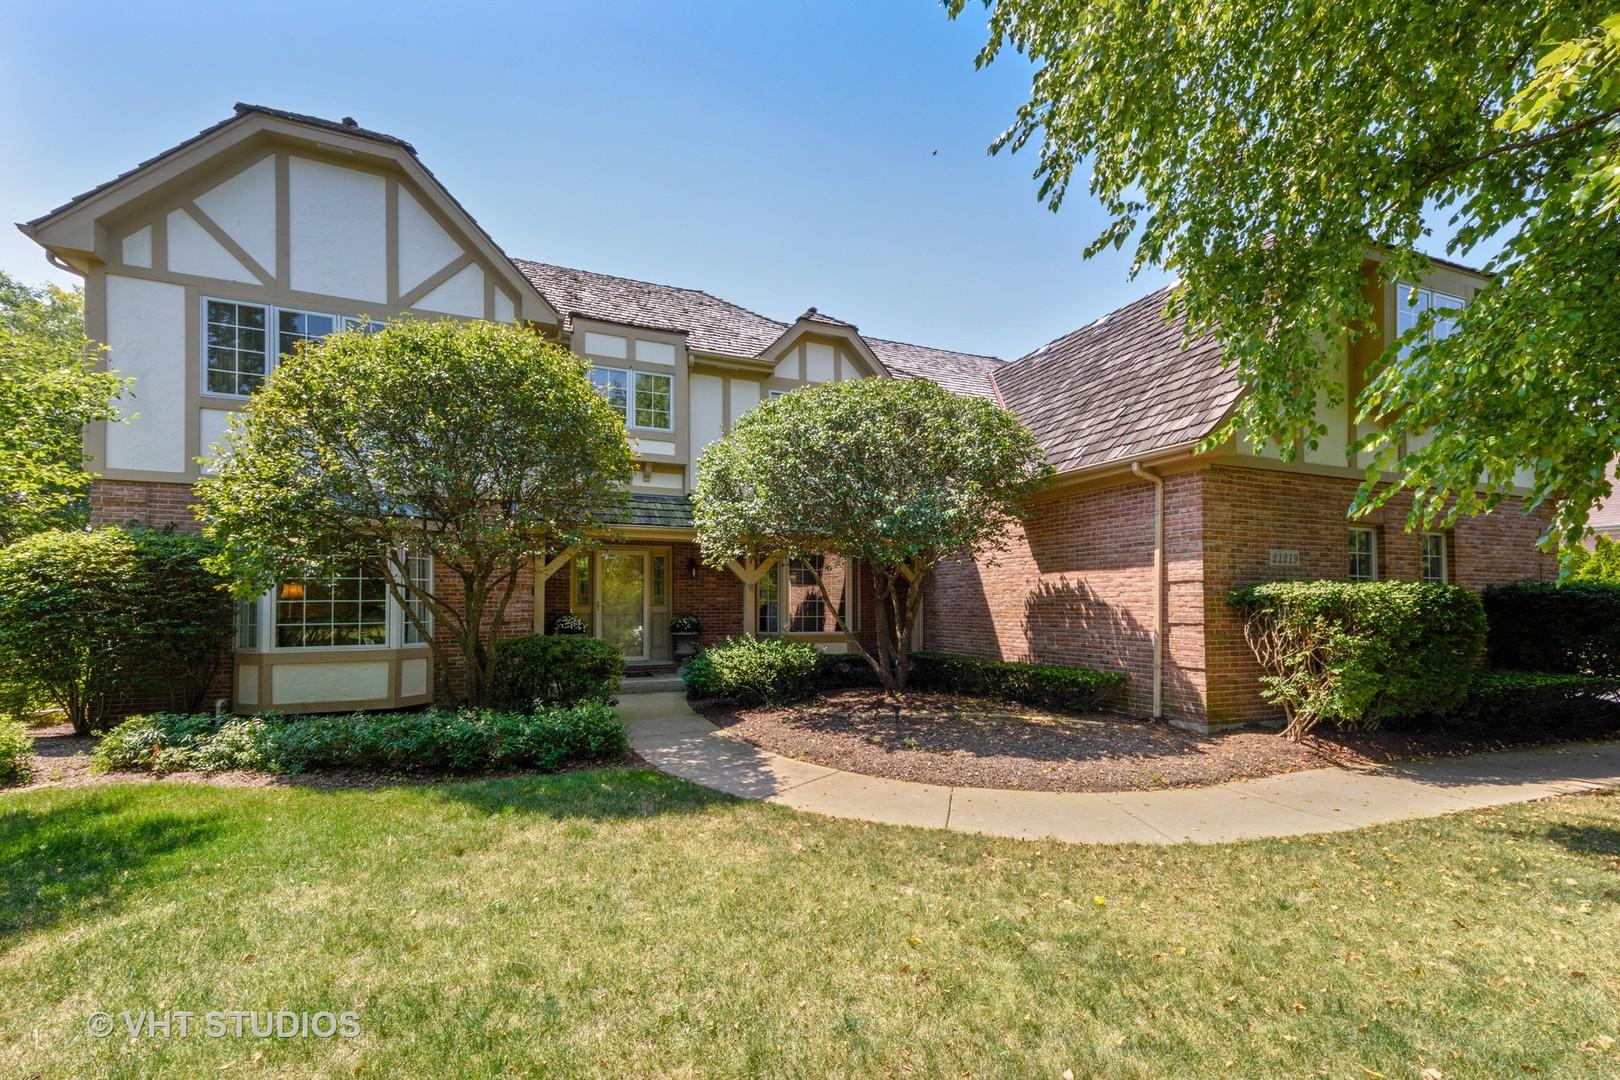 21219 West Creekside Drive, Kildeer, Illinois 60047